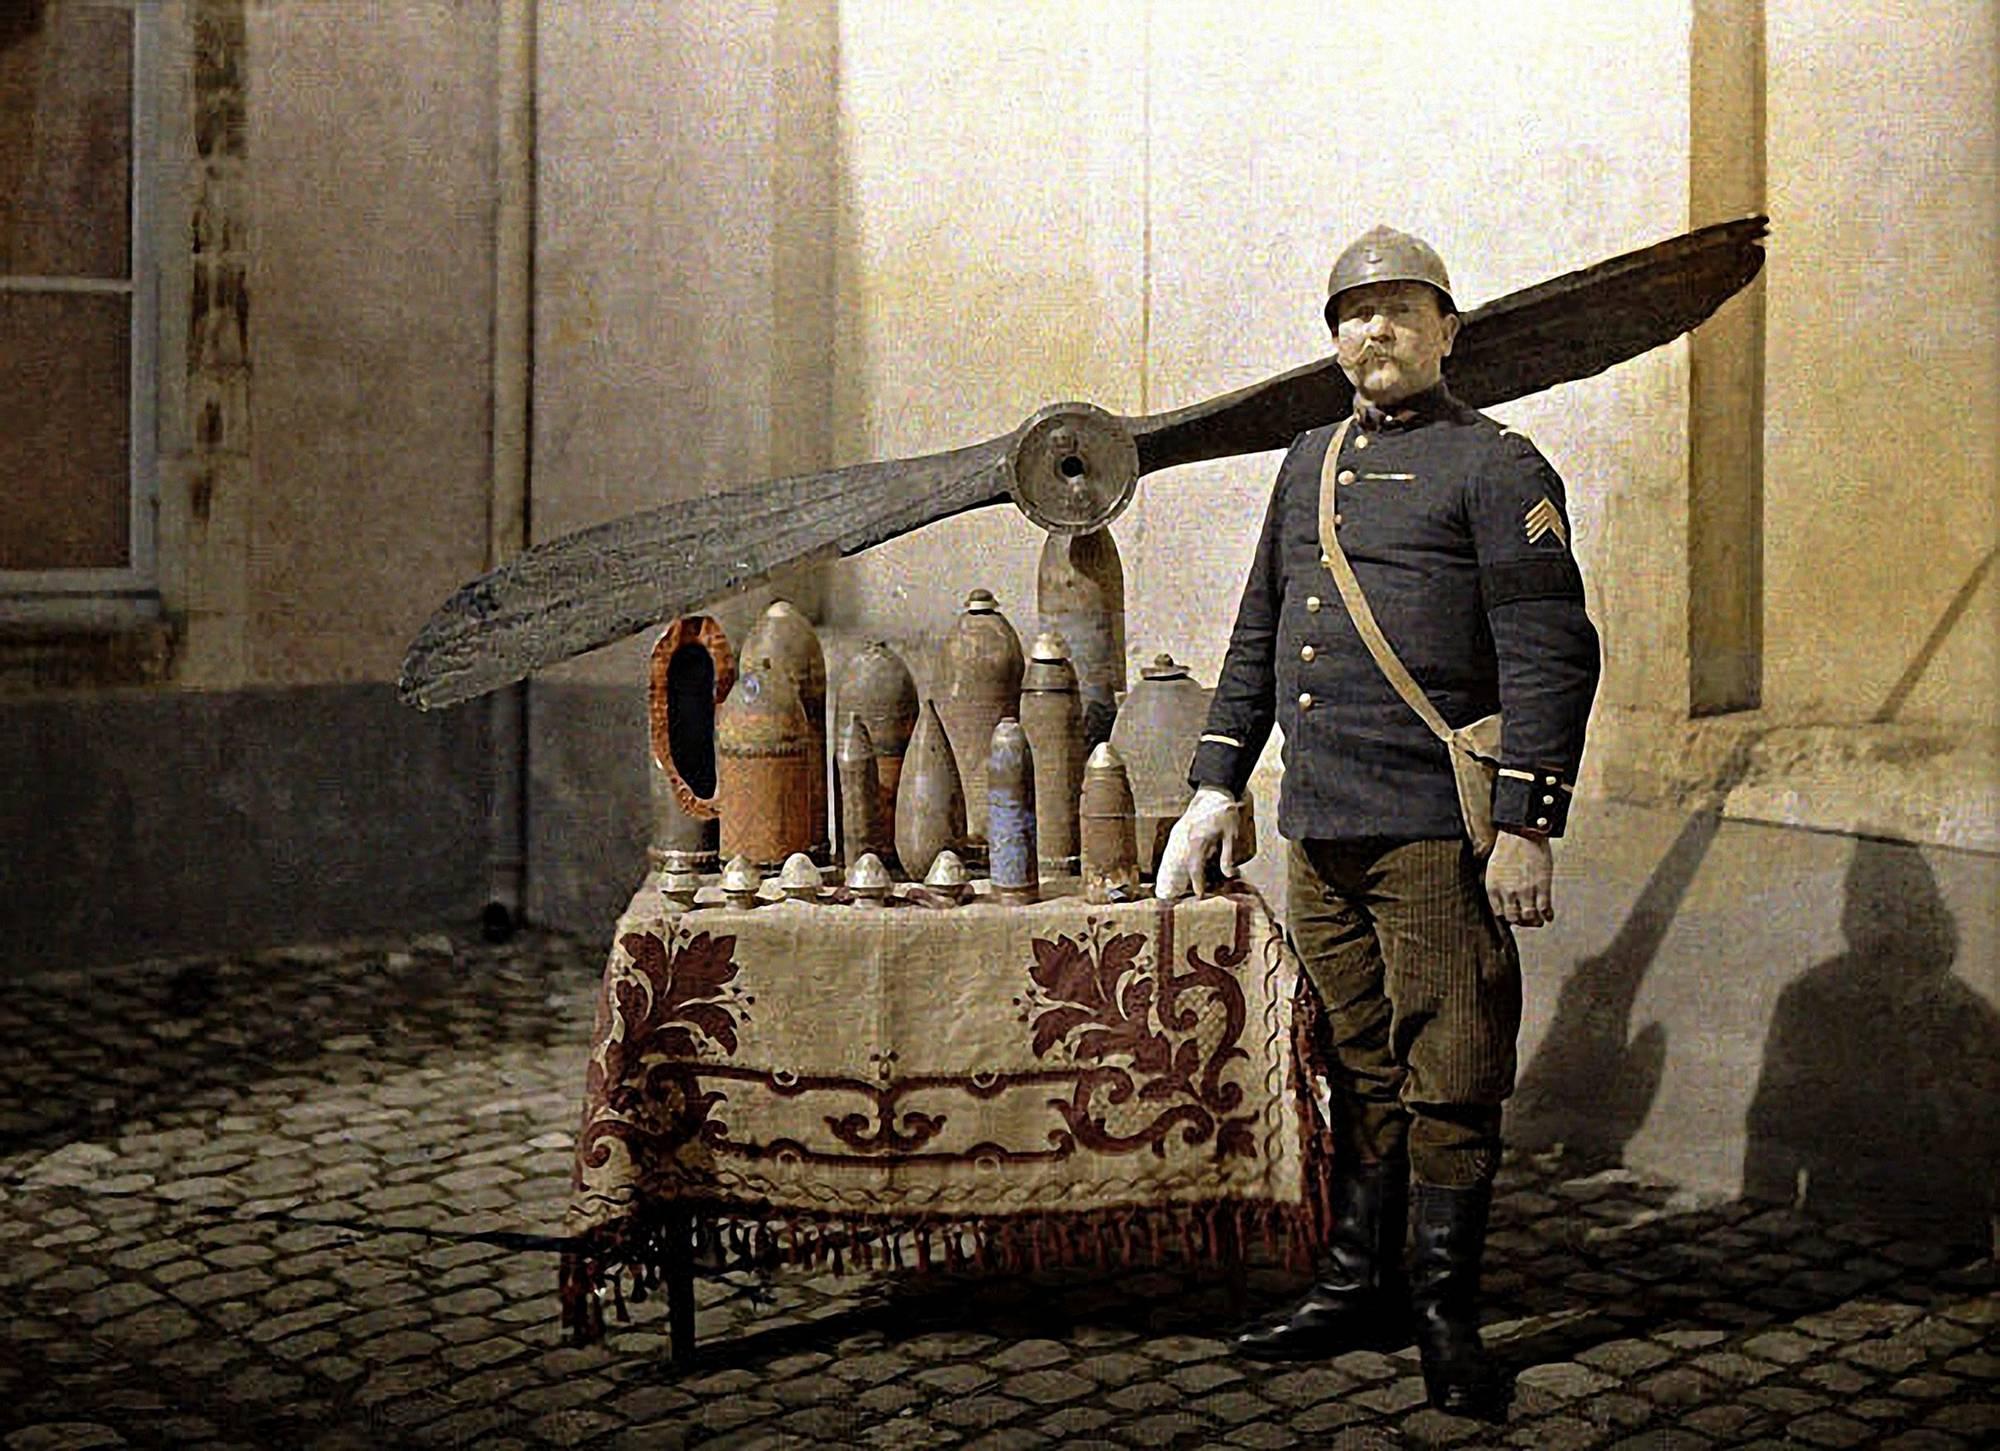 Reims, 1917. Ranskalainen sotilas esittelee saksalaisilta saatua sotasaalista.